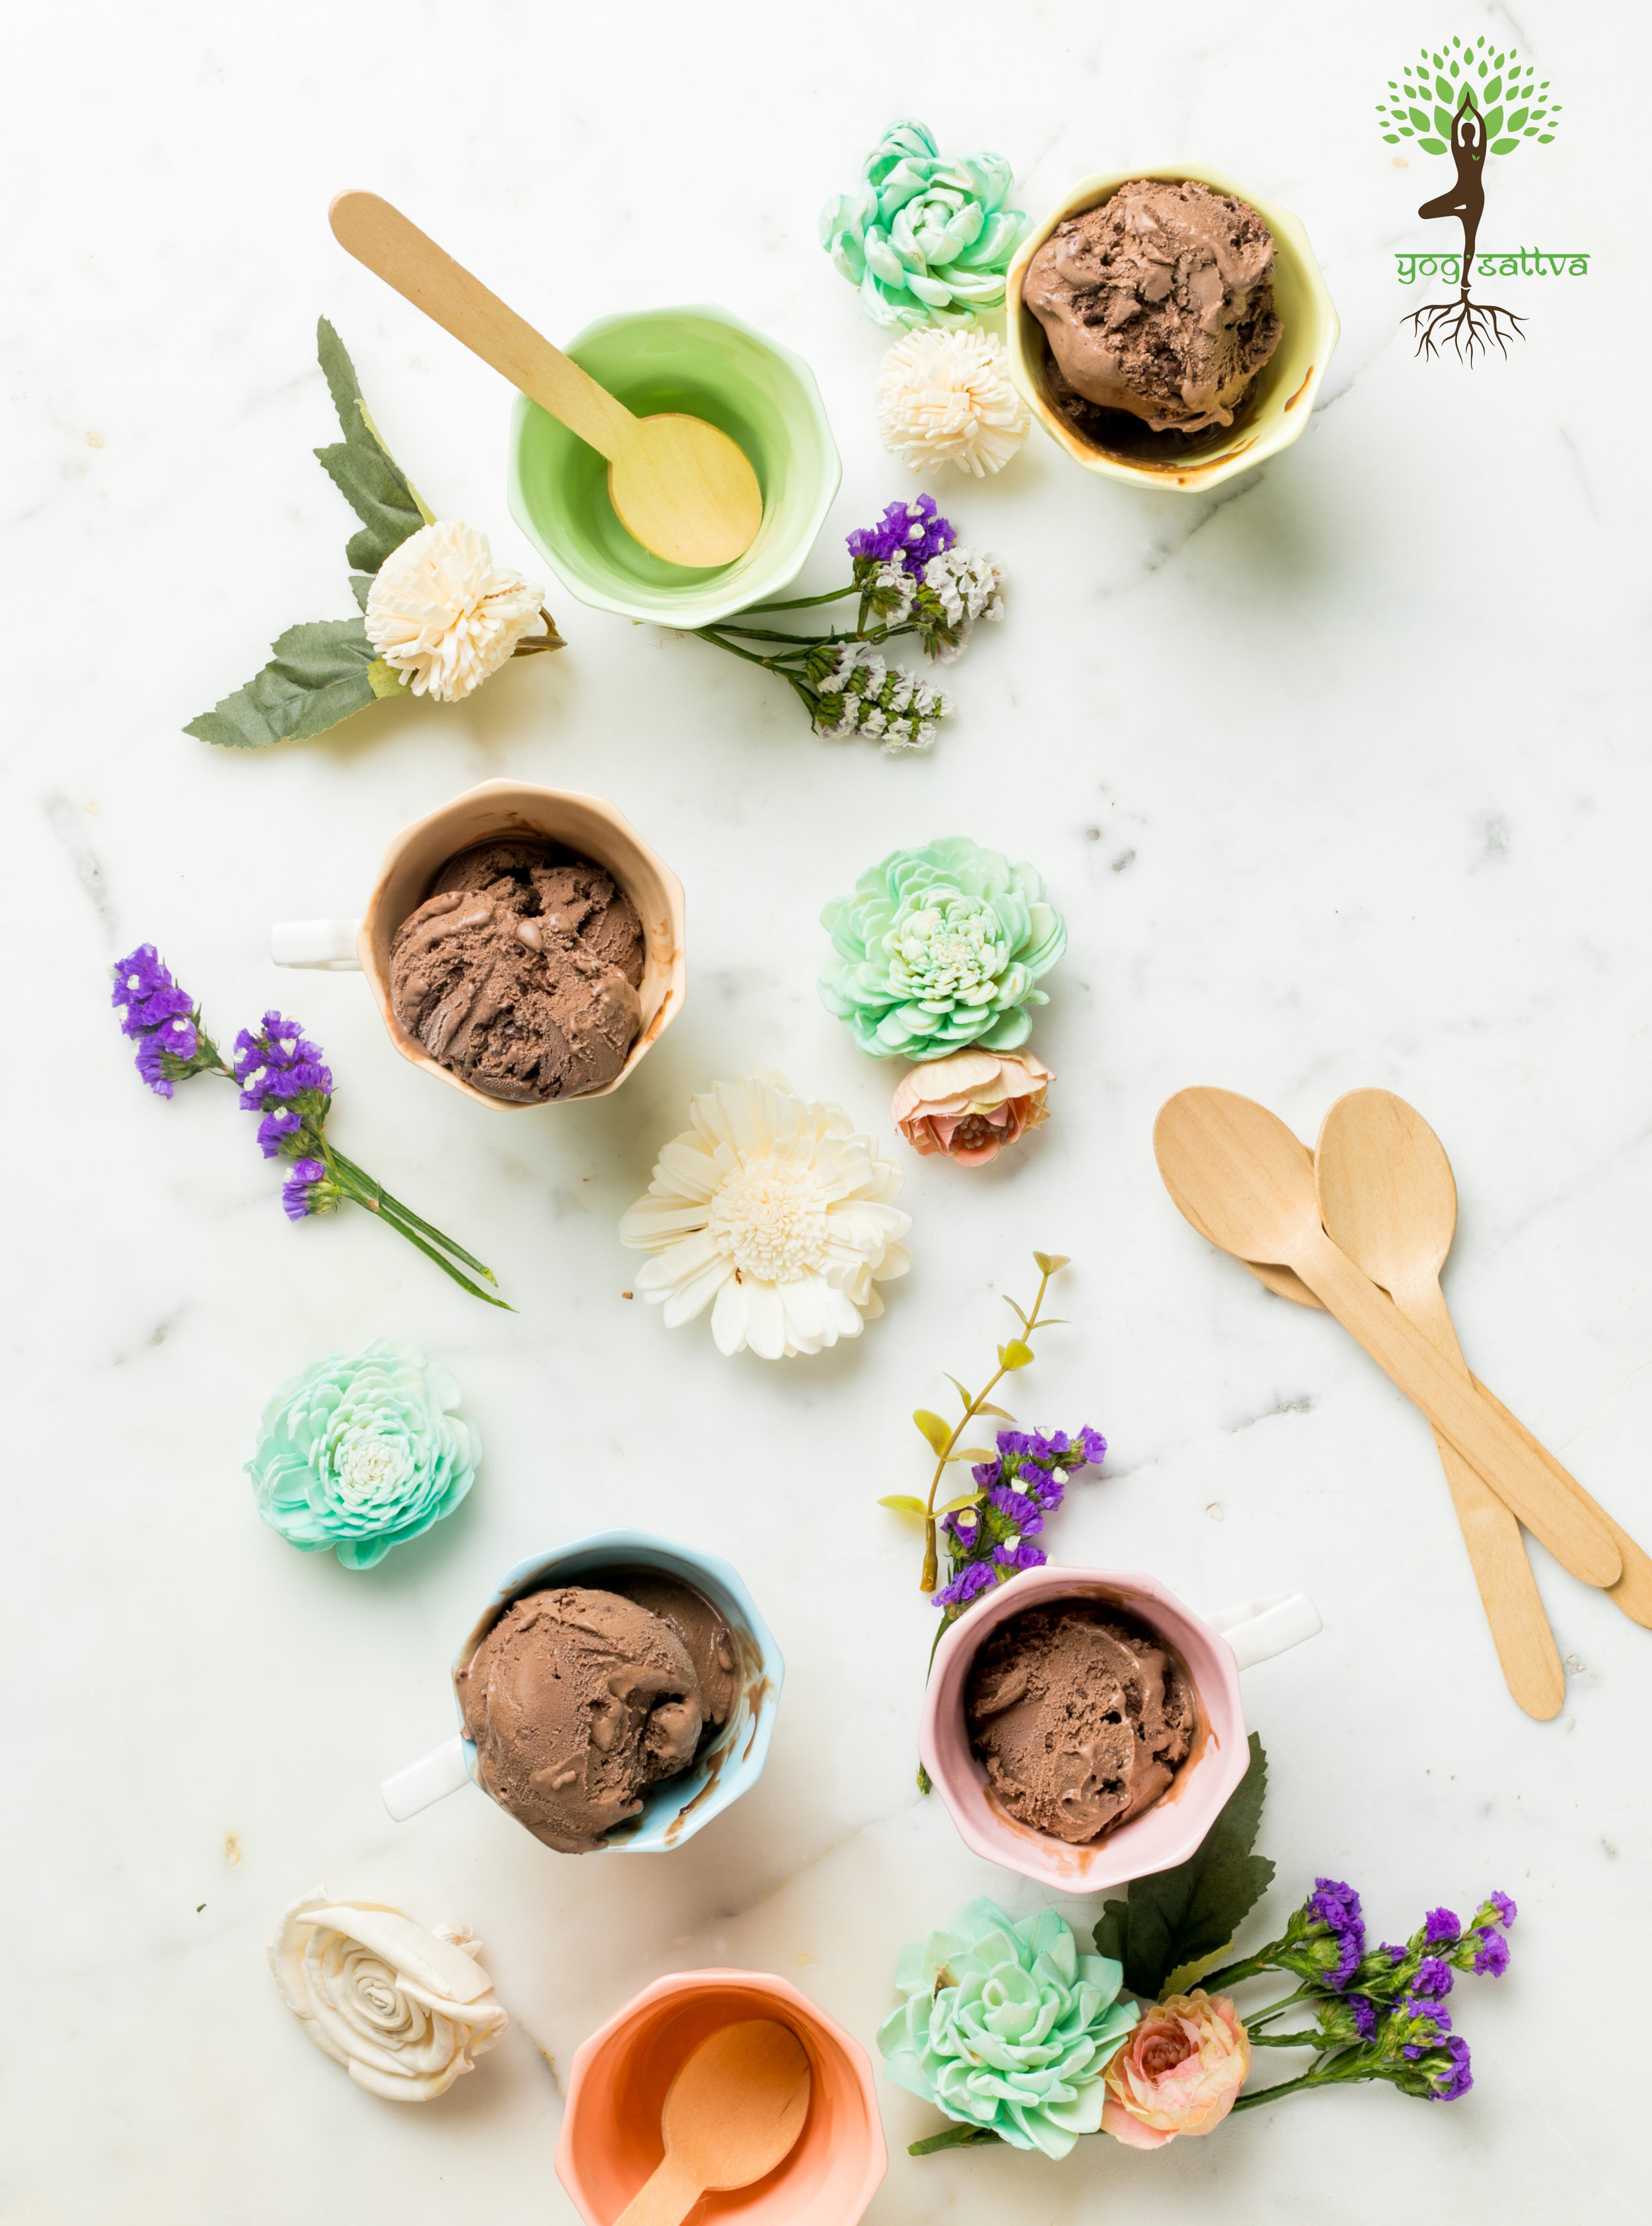 Dairy Free Ice Cream Yogisattva